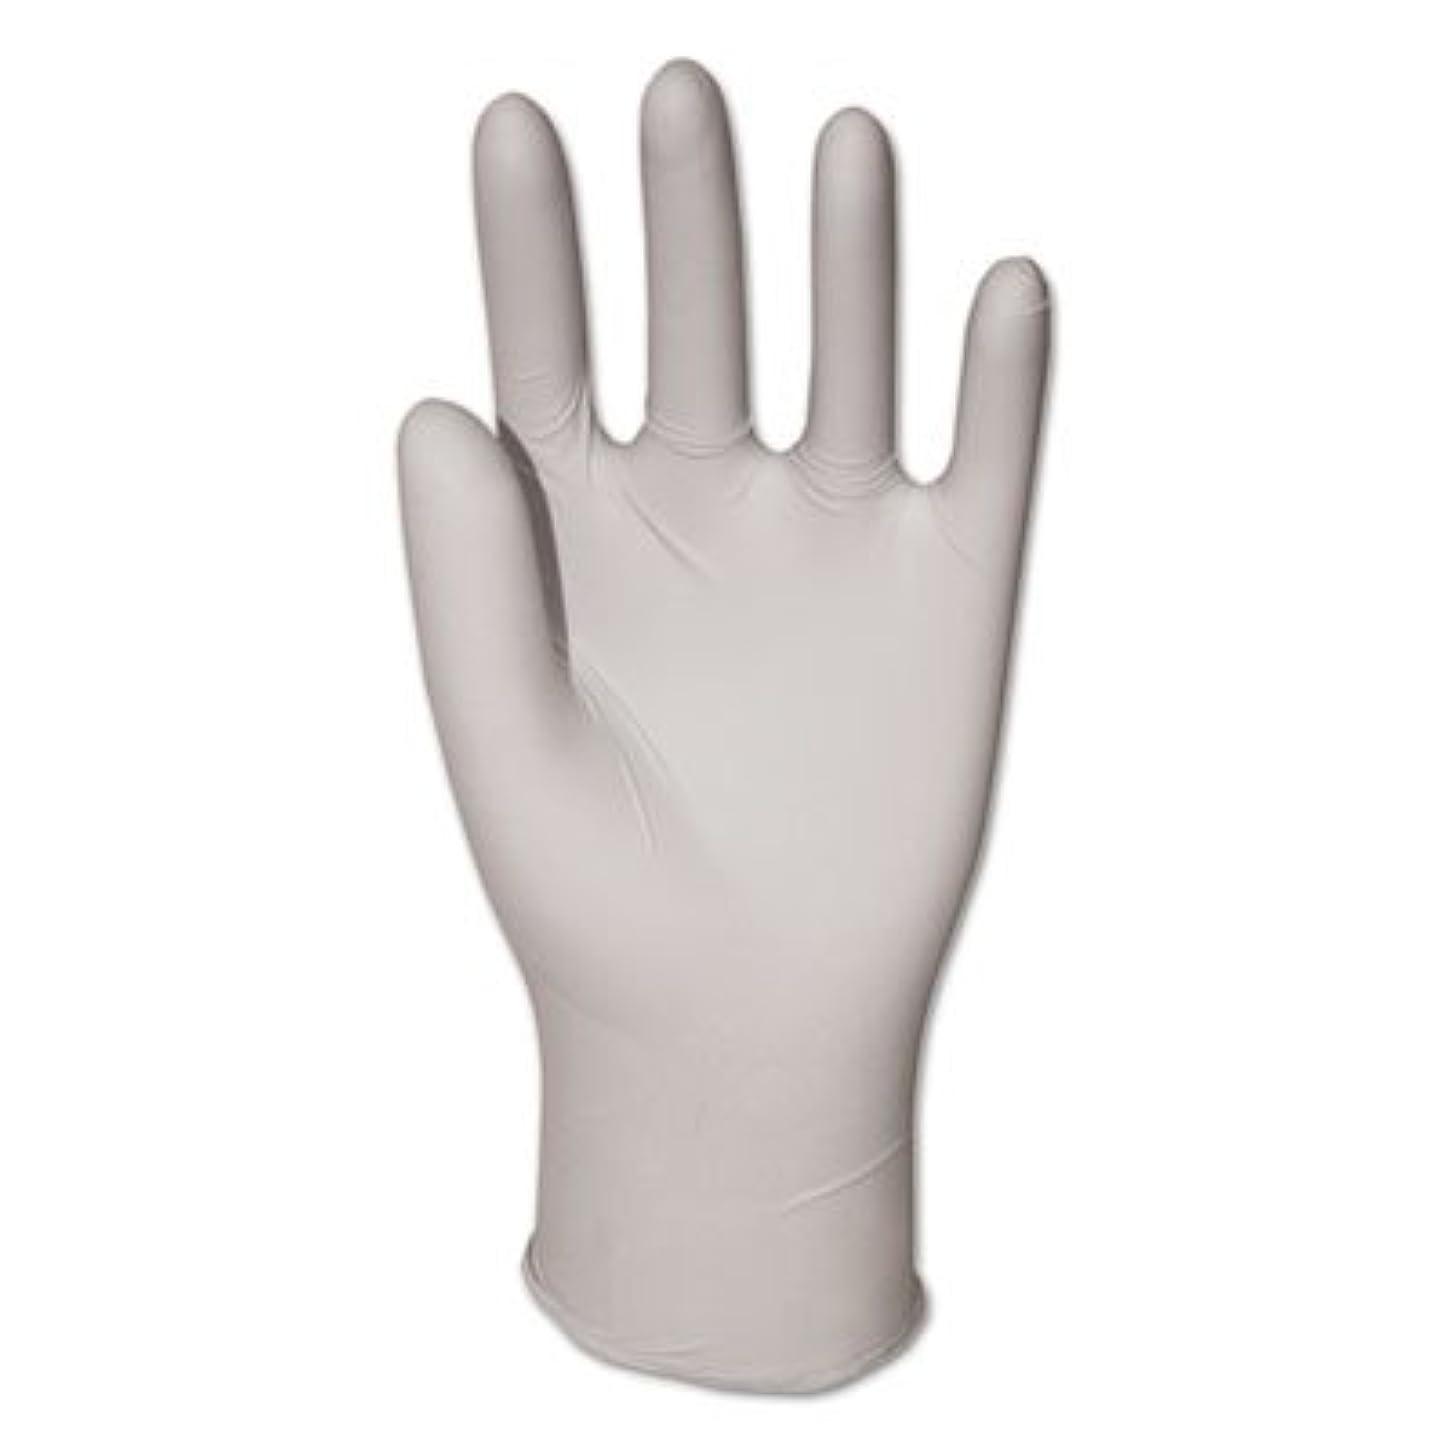 罰やろうクリエイティブGEN 汎用 ビニール手袋 パウダー L クリア 2 3/5 ミル 1000枚入り